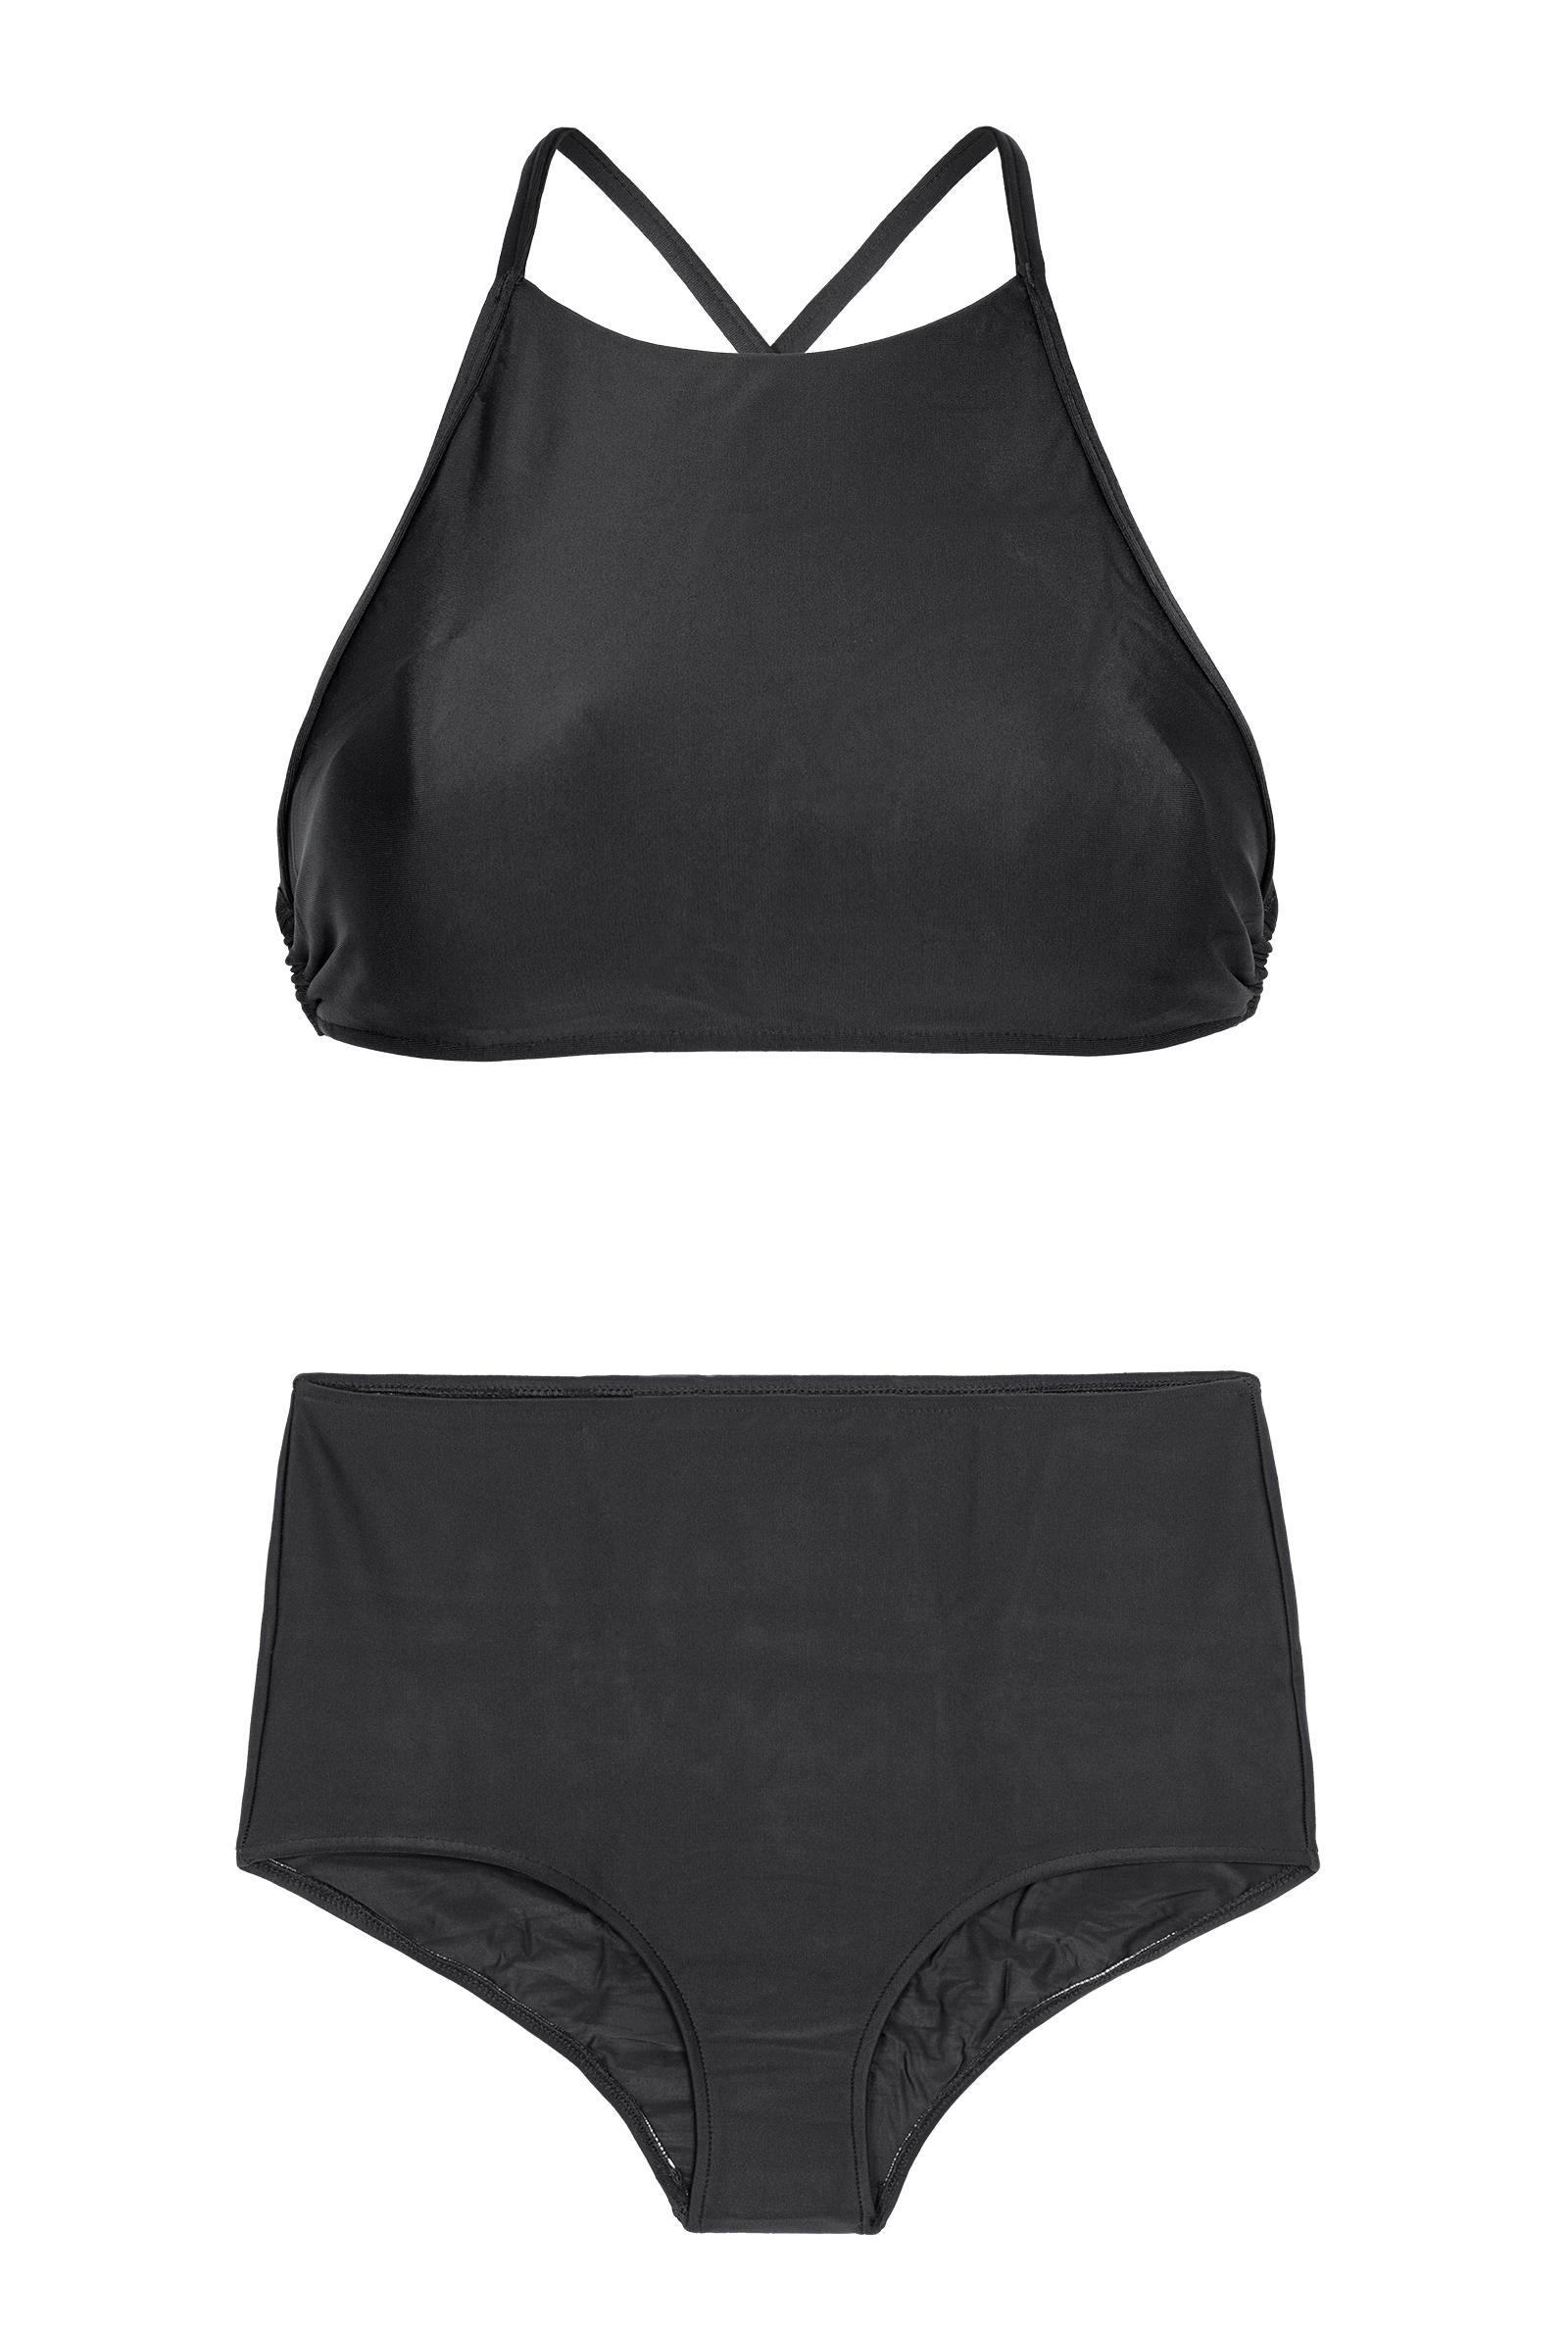 rio de sol maillot de bain taille haute et crop top noir noiti. Black Bedroom Furniture Sets. Home Design Ideas